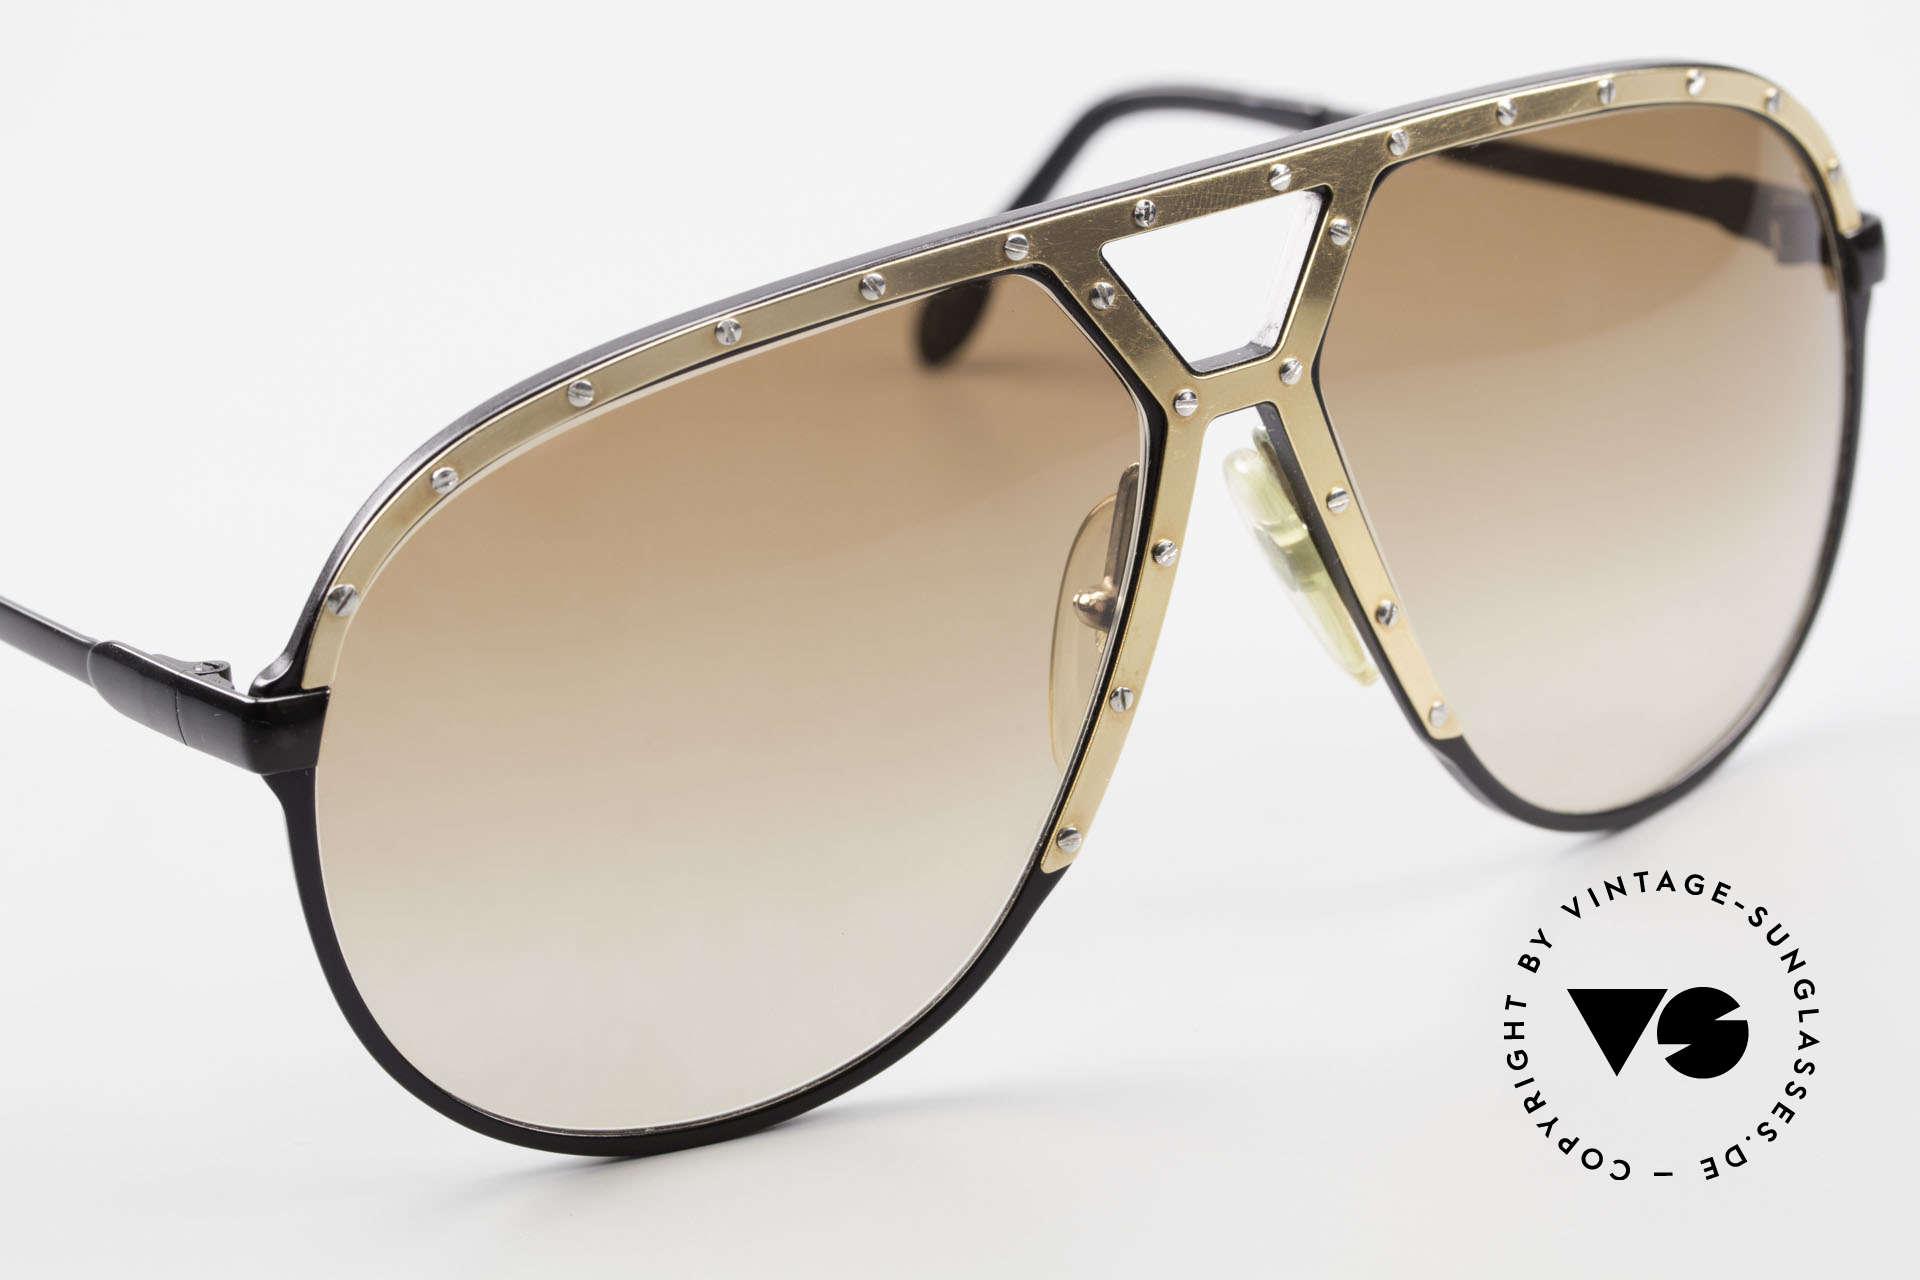 Alpina M1 80er Brille Keine Retrobrille, ungetragenes Sammlerstück (inkl. BVLGARI Etui), Passend für Herren